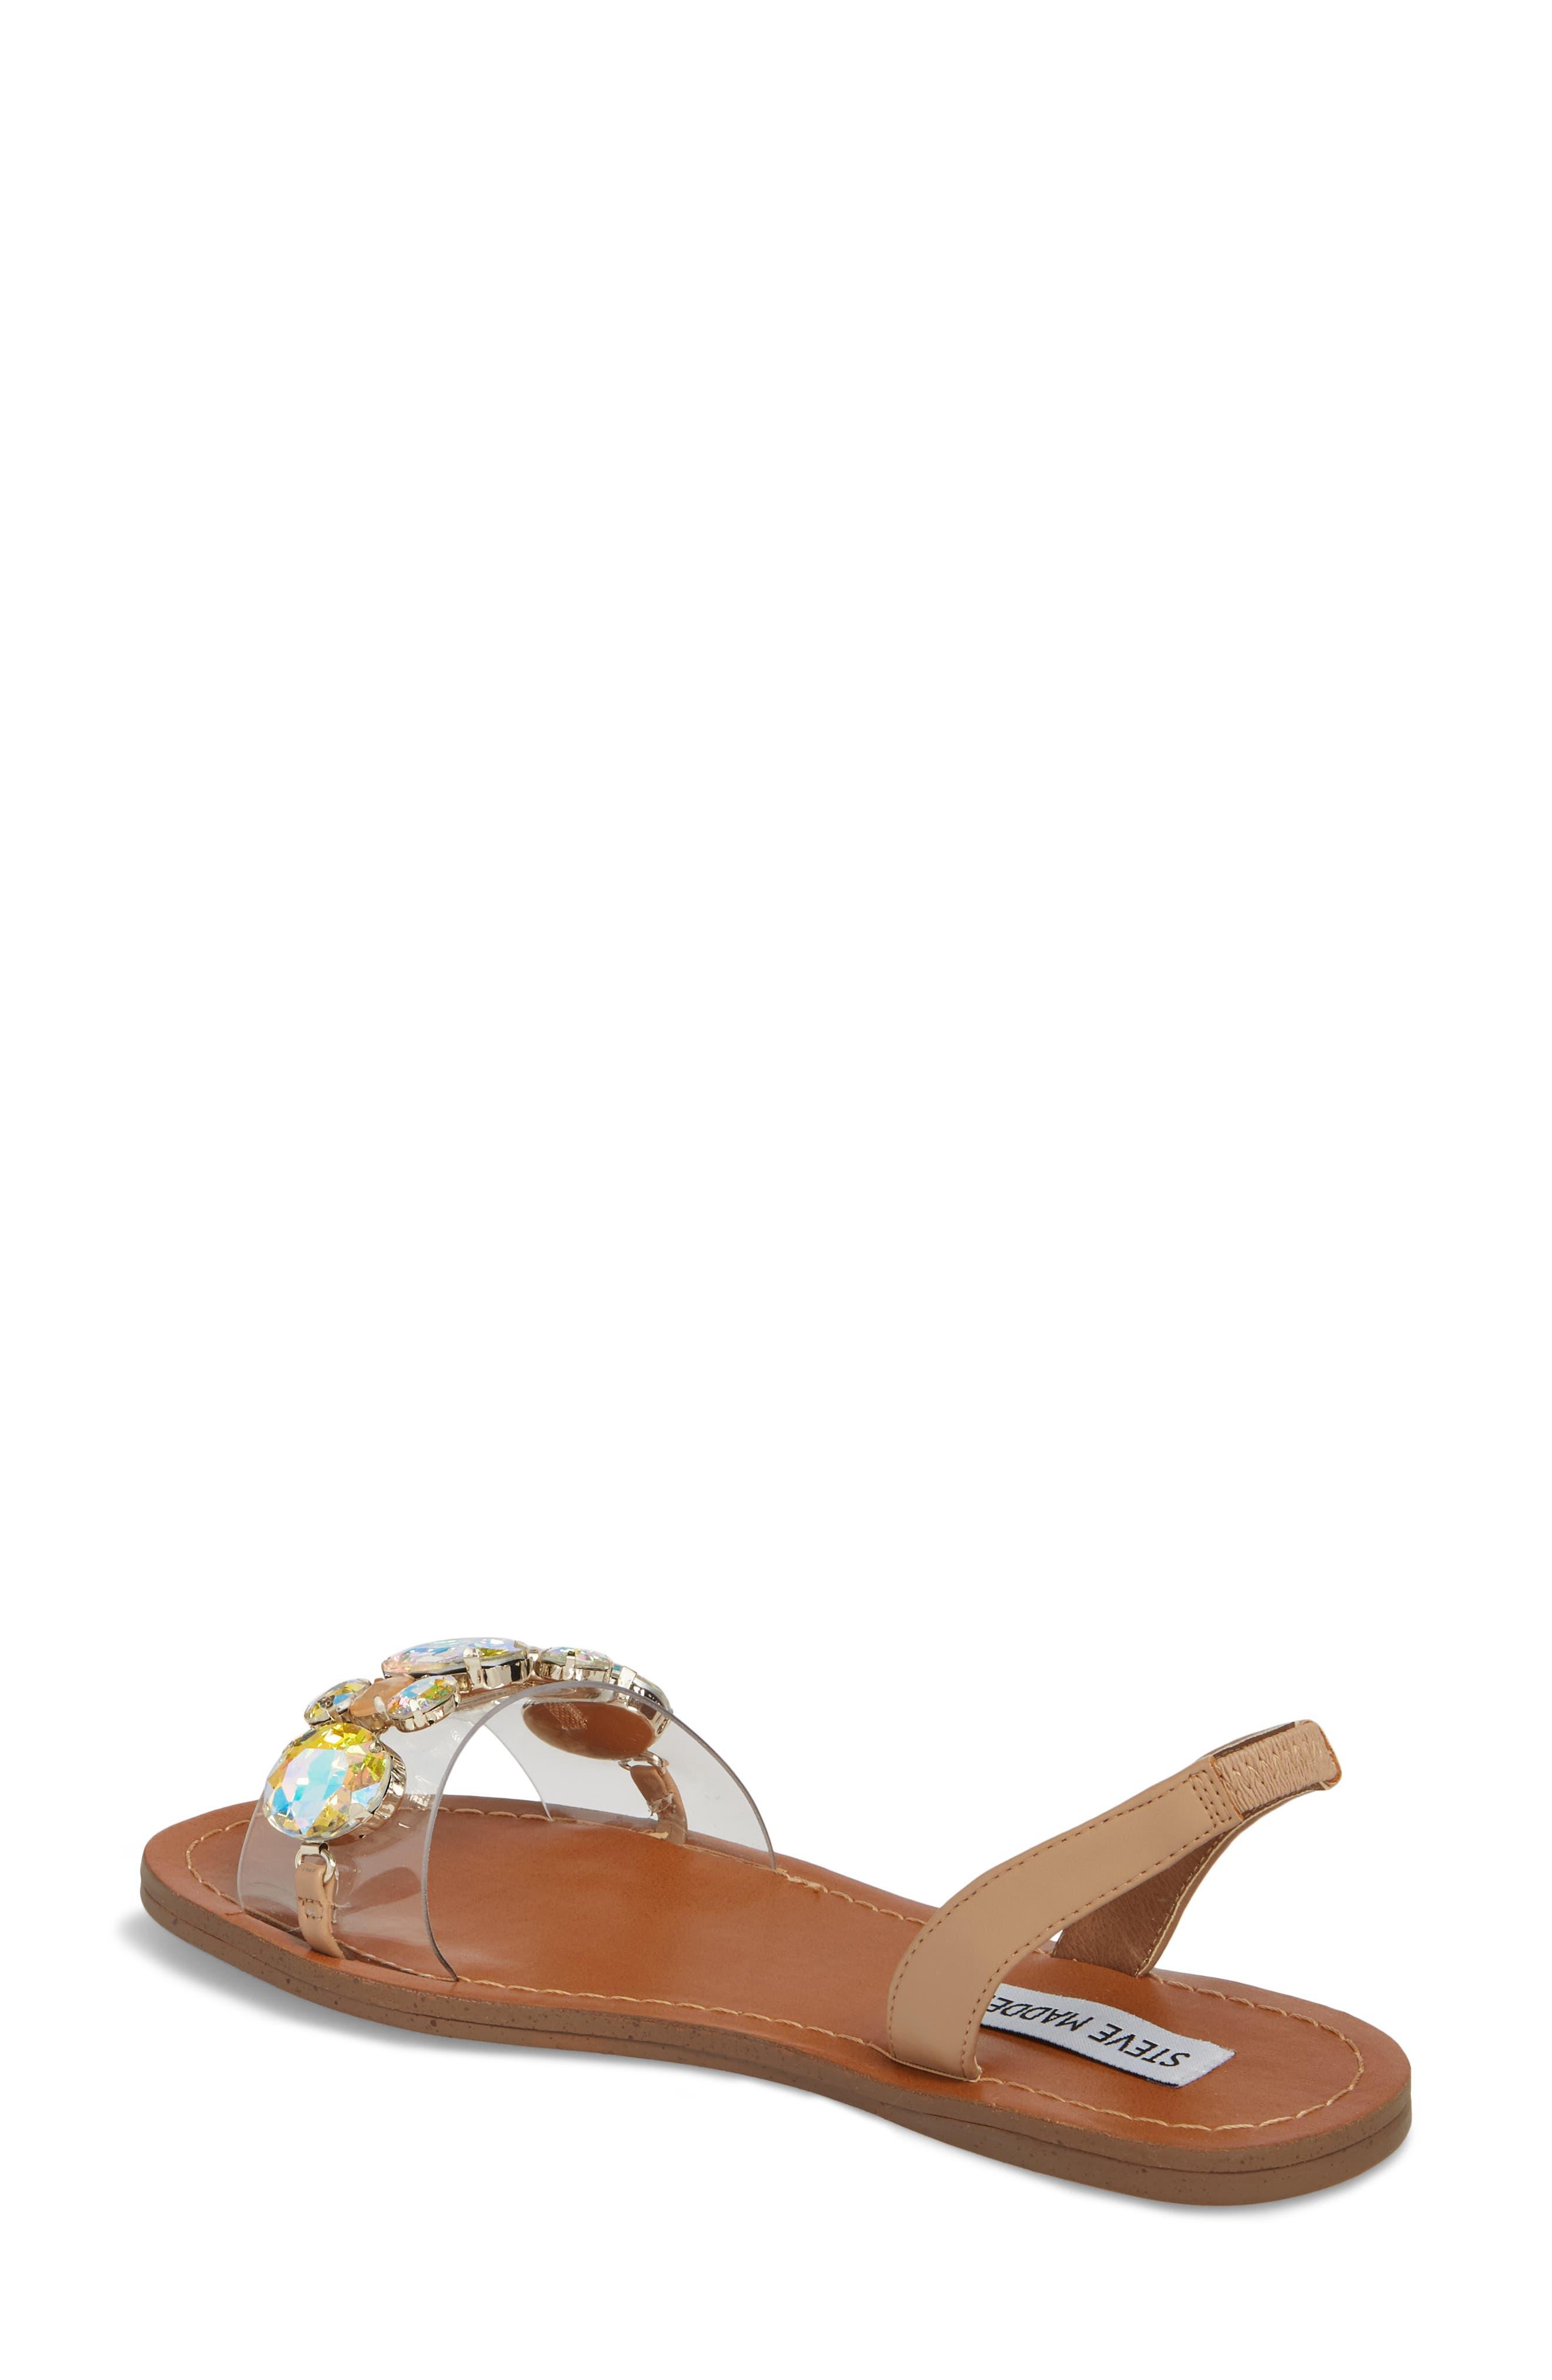 Alice Crystal Embellished Sandal,                             Alternate thumbnail 2, color,